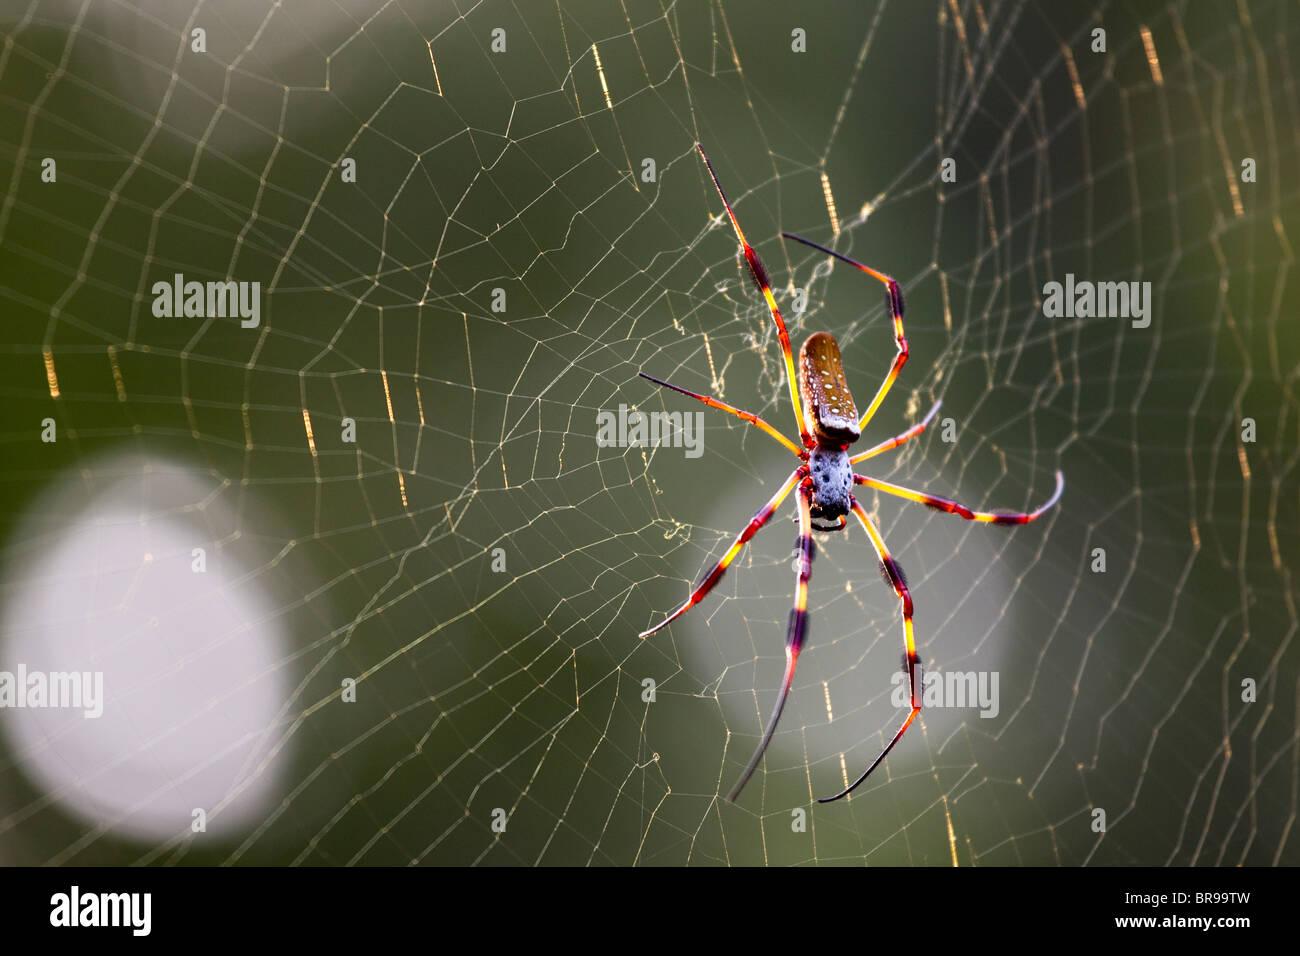 Gran colorido orb araña tejedora de tela de araña, Bayou La Batre, Alabama, EE.UU. Imagen De Stock